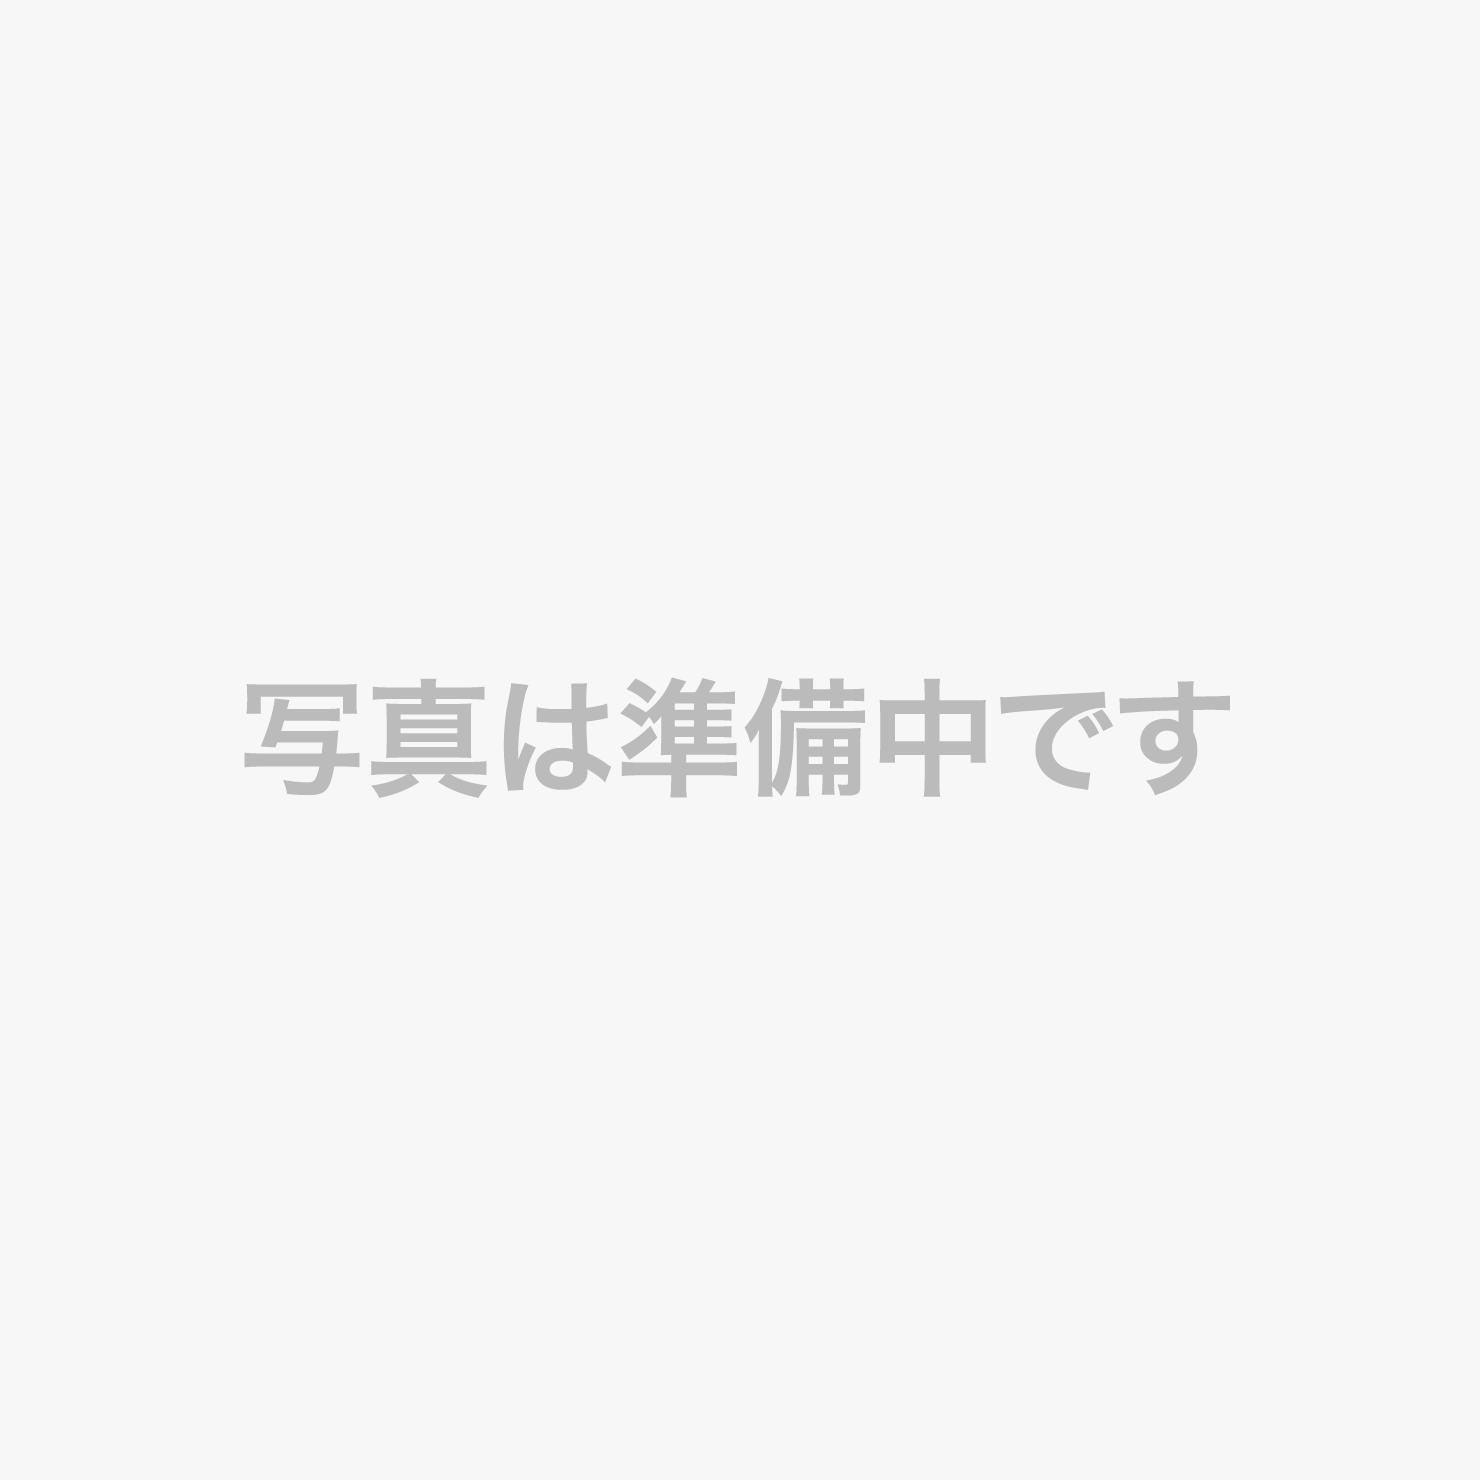 【竹の湯(家族風呂)】山沿いの露天付家族風呂。のんびり静かに。※15:00~23:00(翌朝 7:00~)